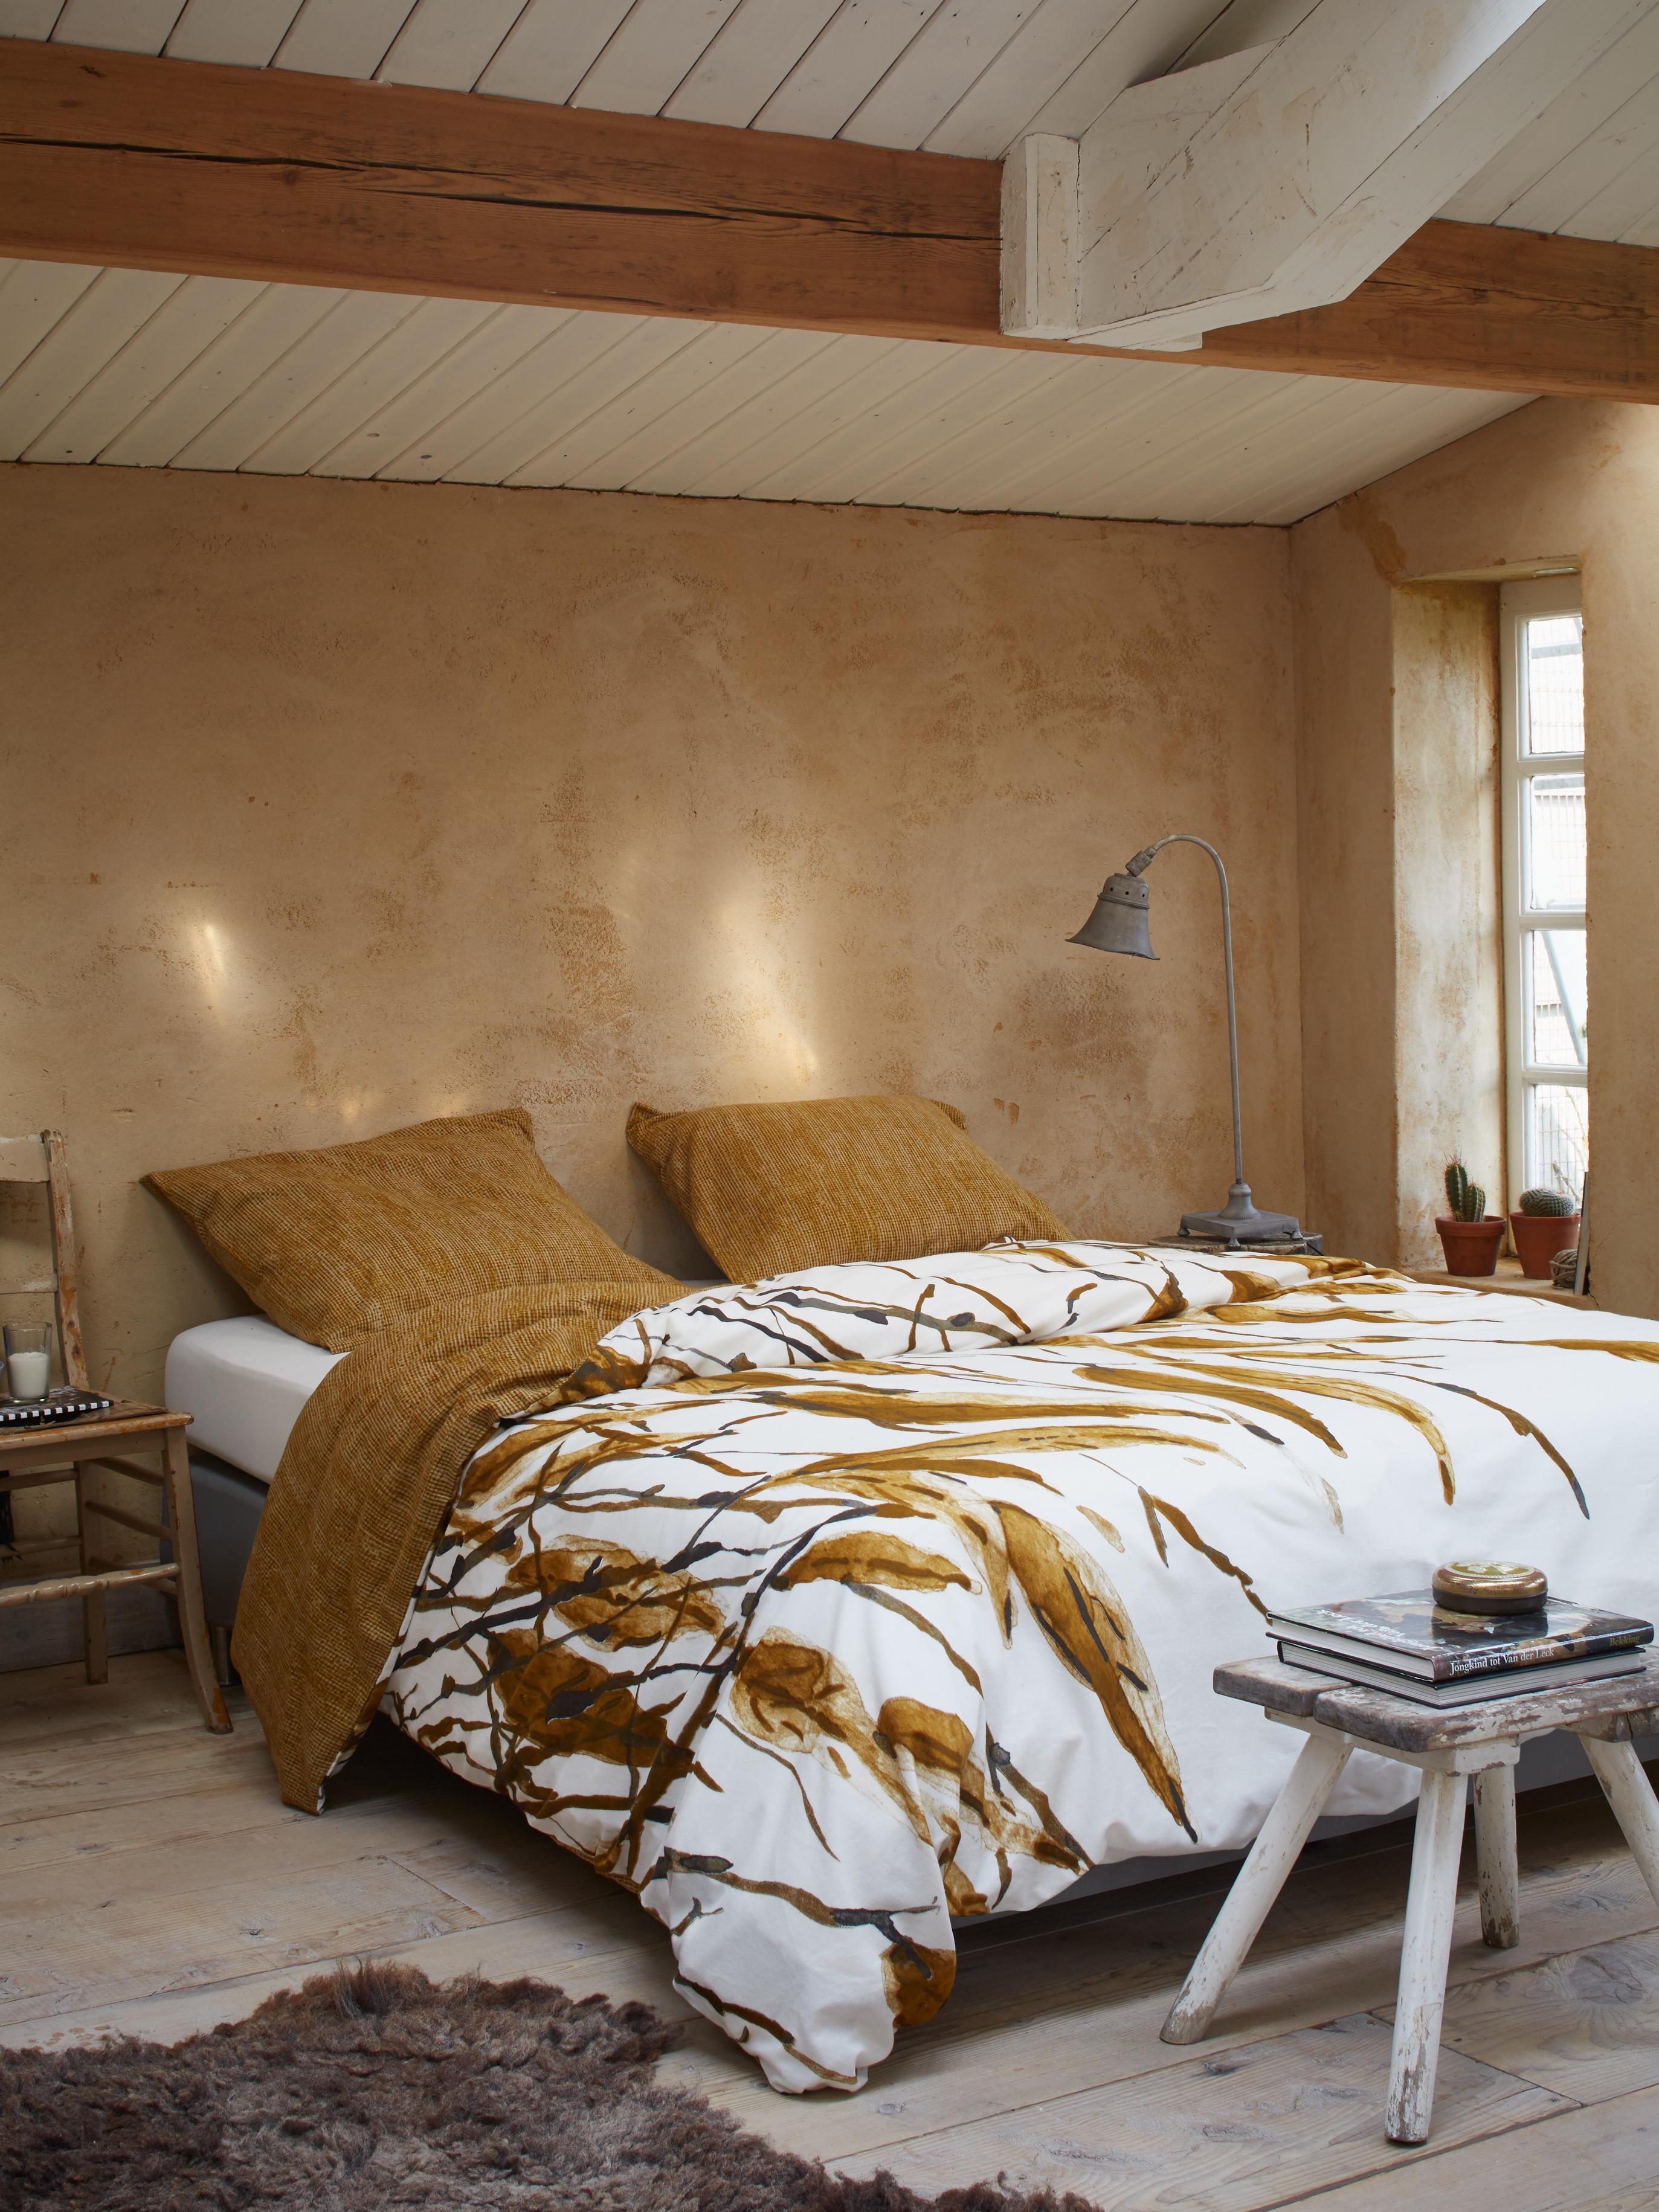 Schlafzimmer Im Landhausstil Einrichten #bett #bettwäsche #landhausstil  #zimmergestaltung ©Essenza Home/